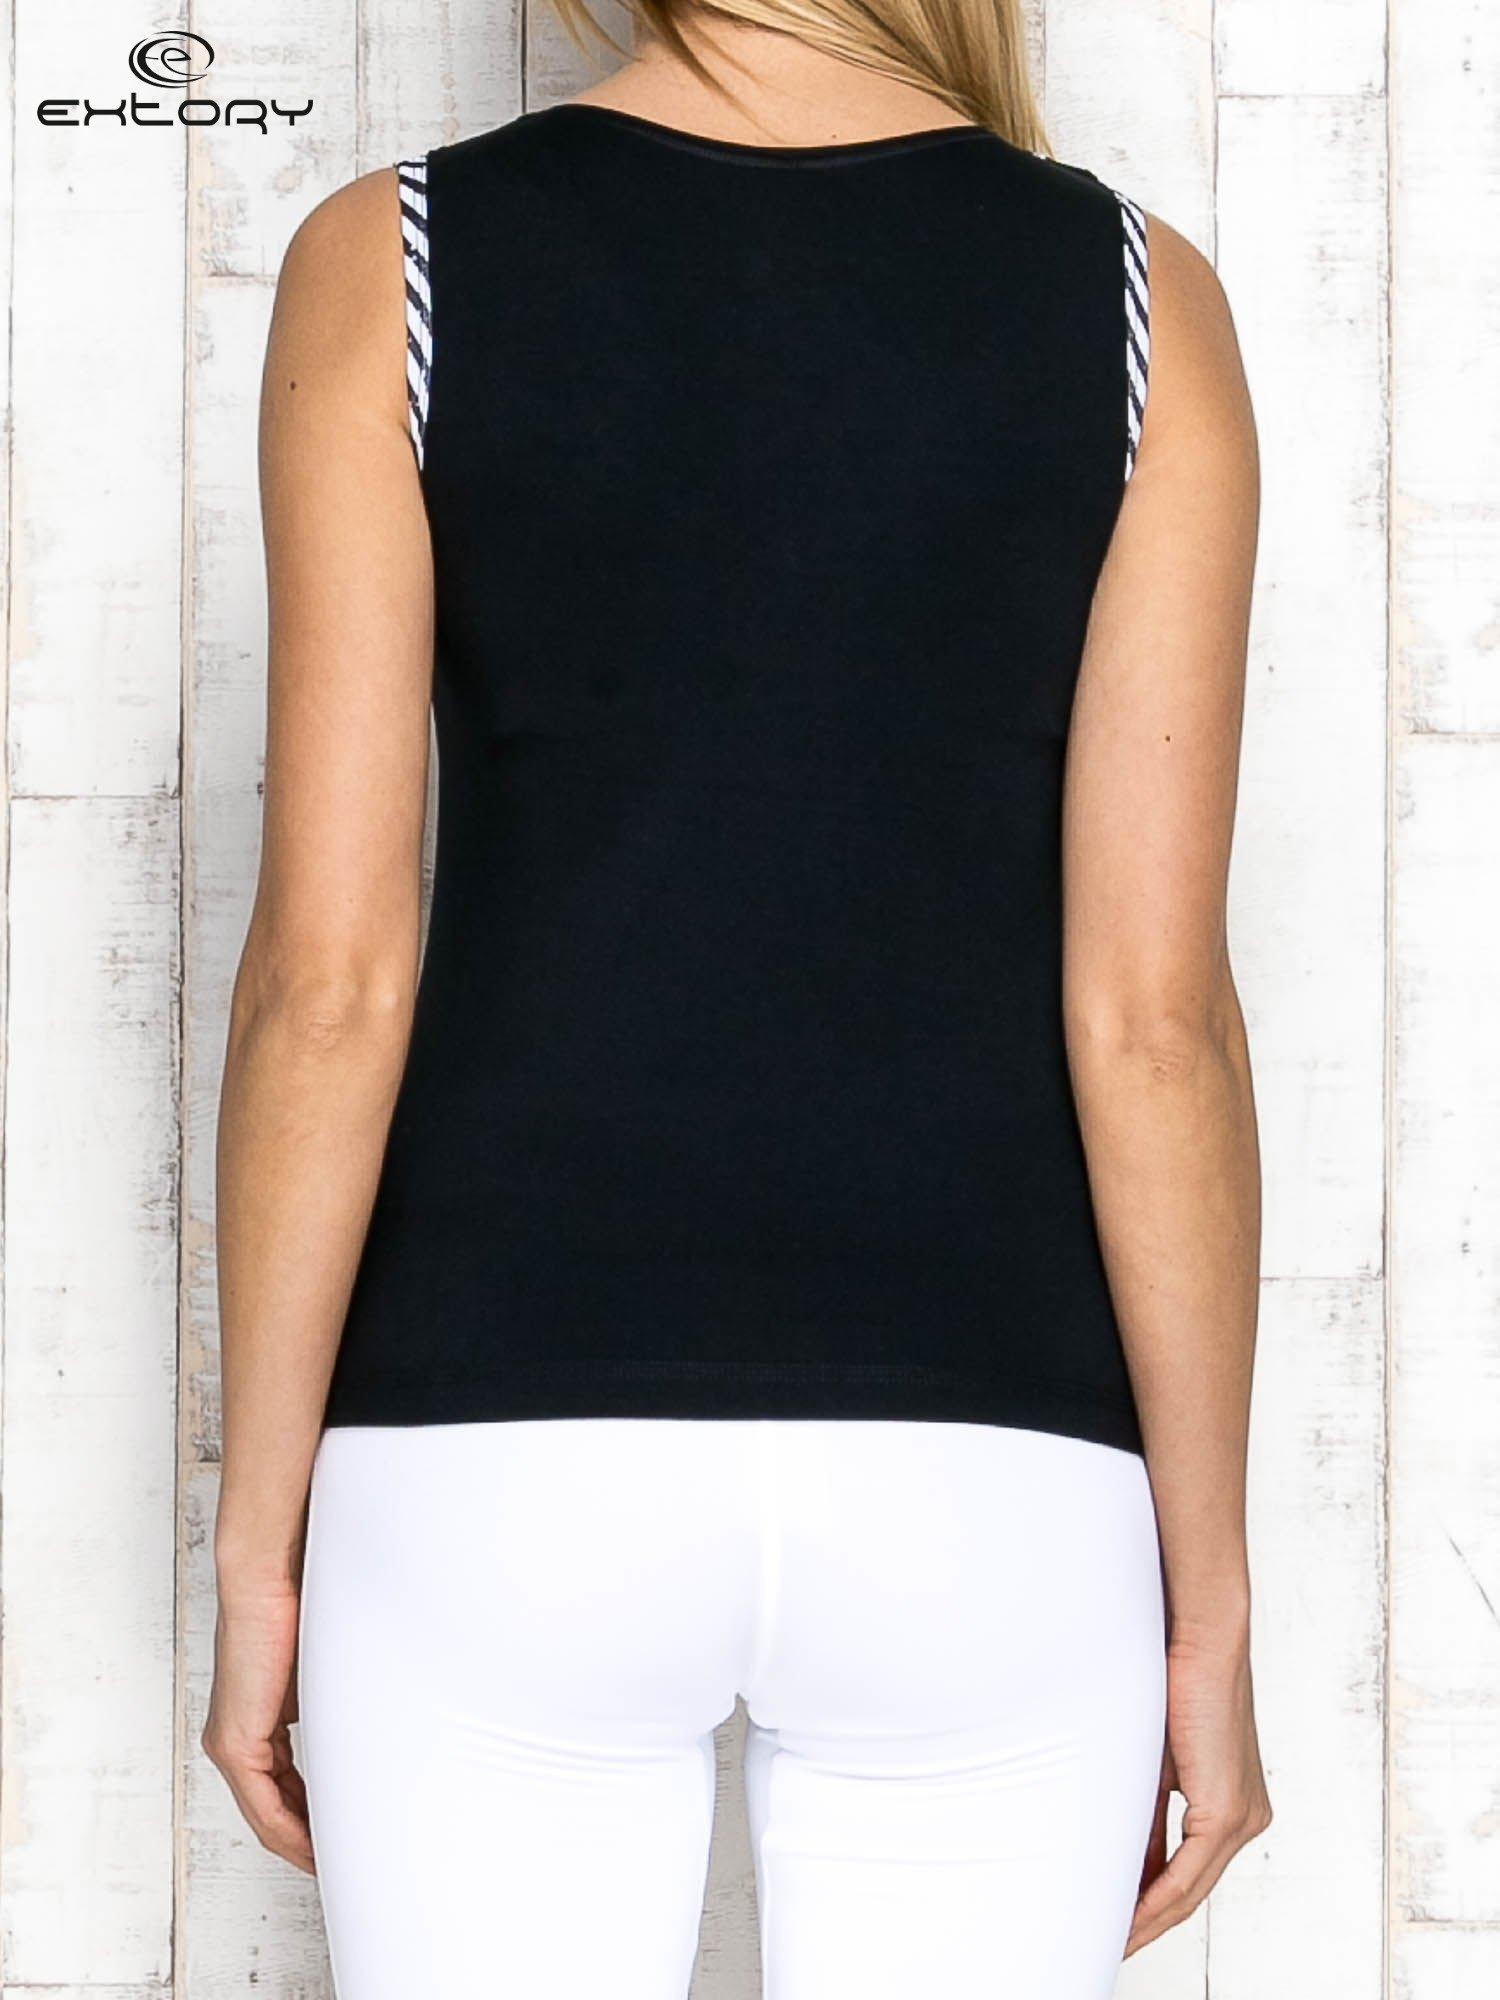 Czarno-biały top sportowy z lamówką w stylu marynarskim                                  zdj.                                  2